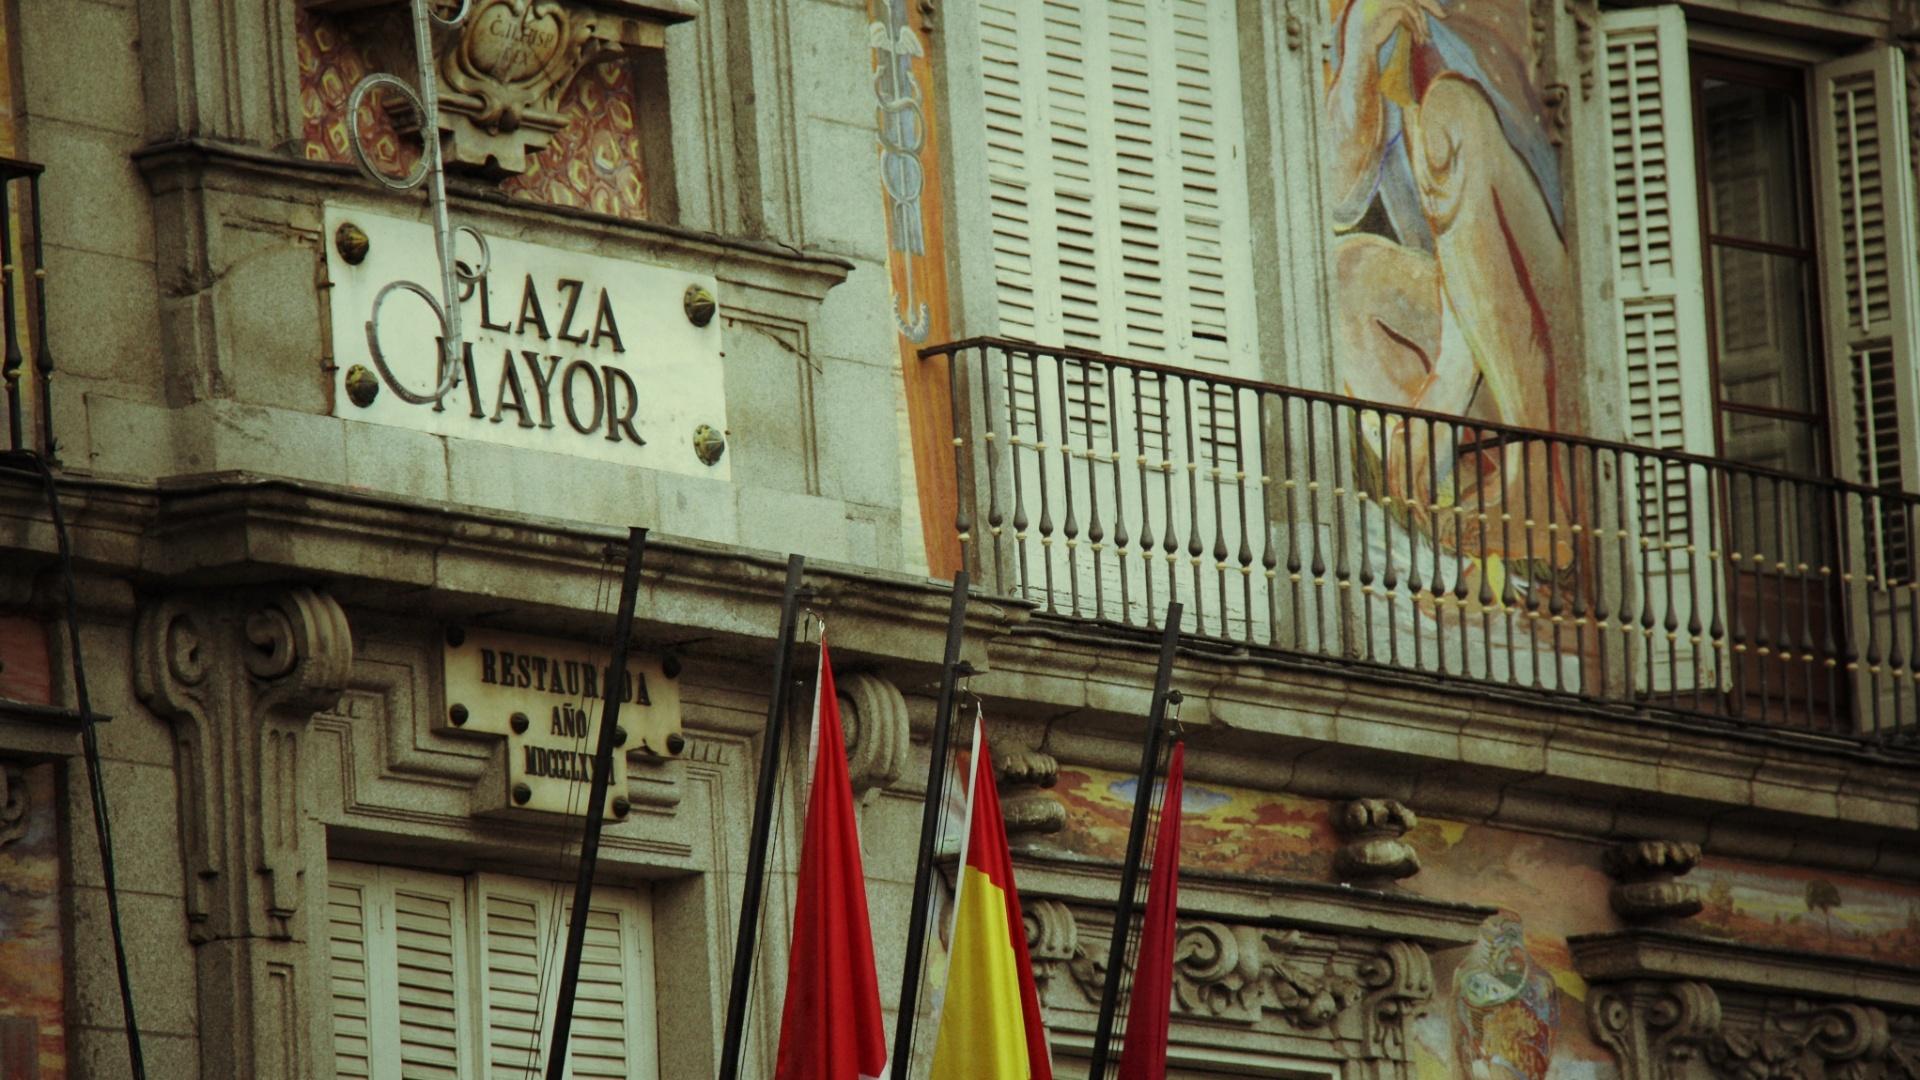 jan.2013 Imagem fotografa por Pe Lu mostra a Plaza Mayor, um dos pontos turísticos mais famosos de Madri